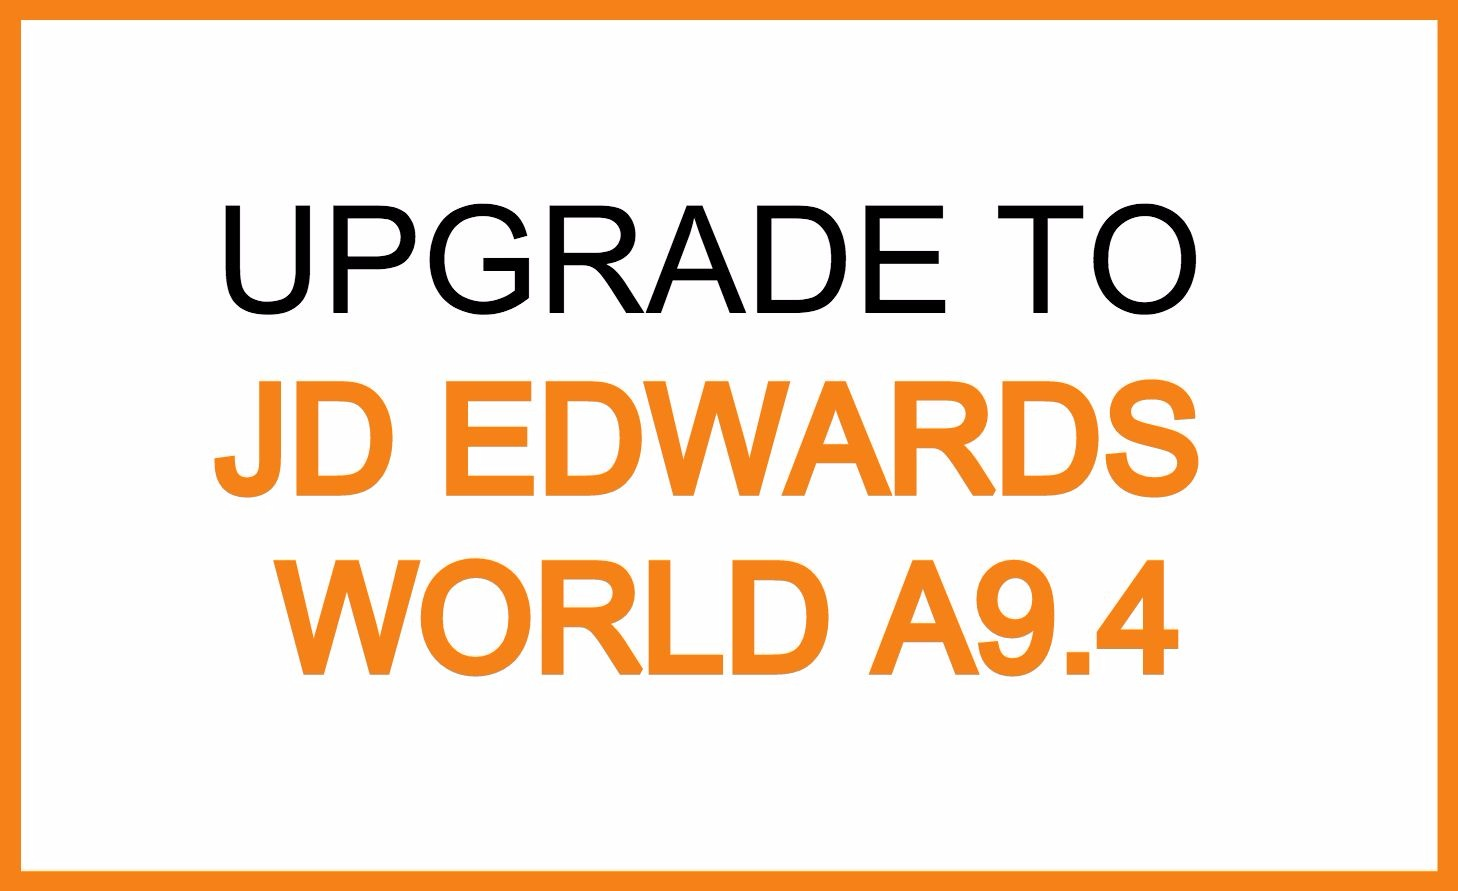 upgrade jde world a94.jpg